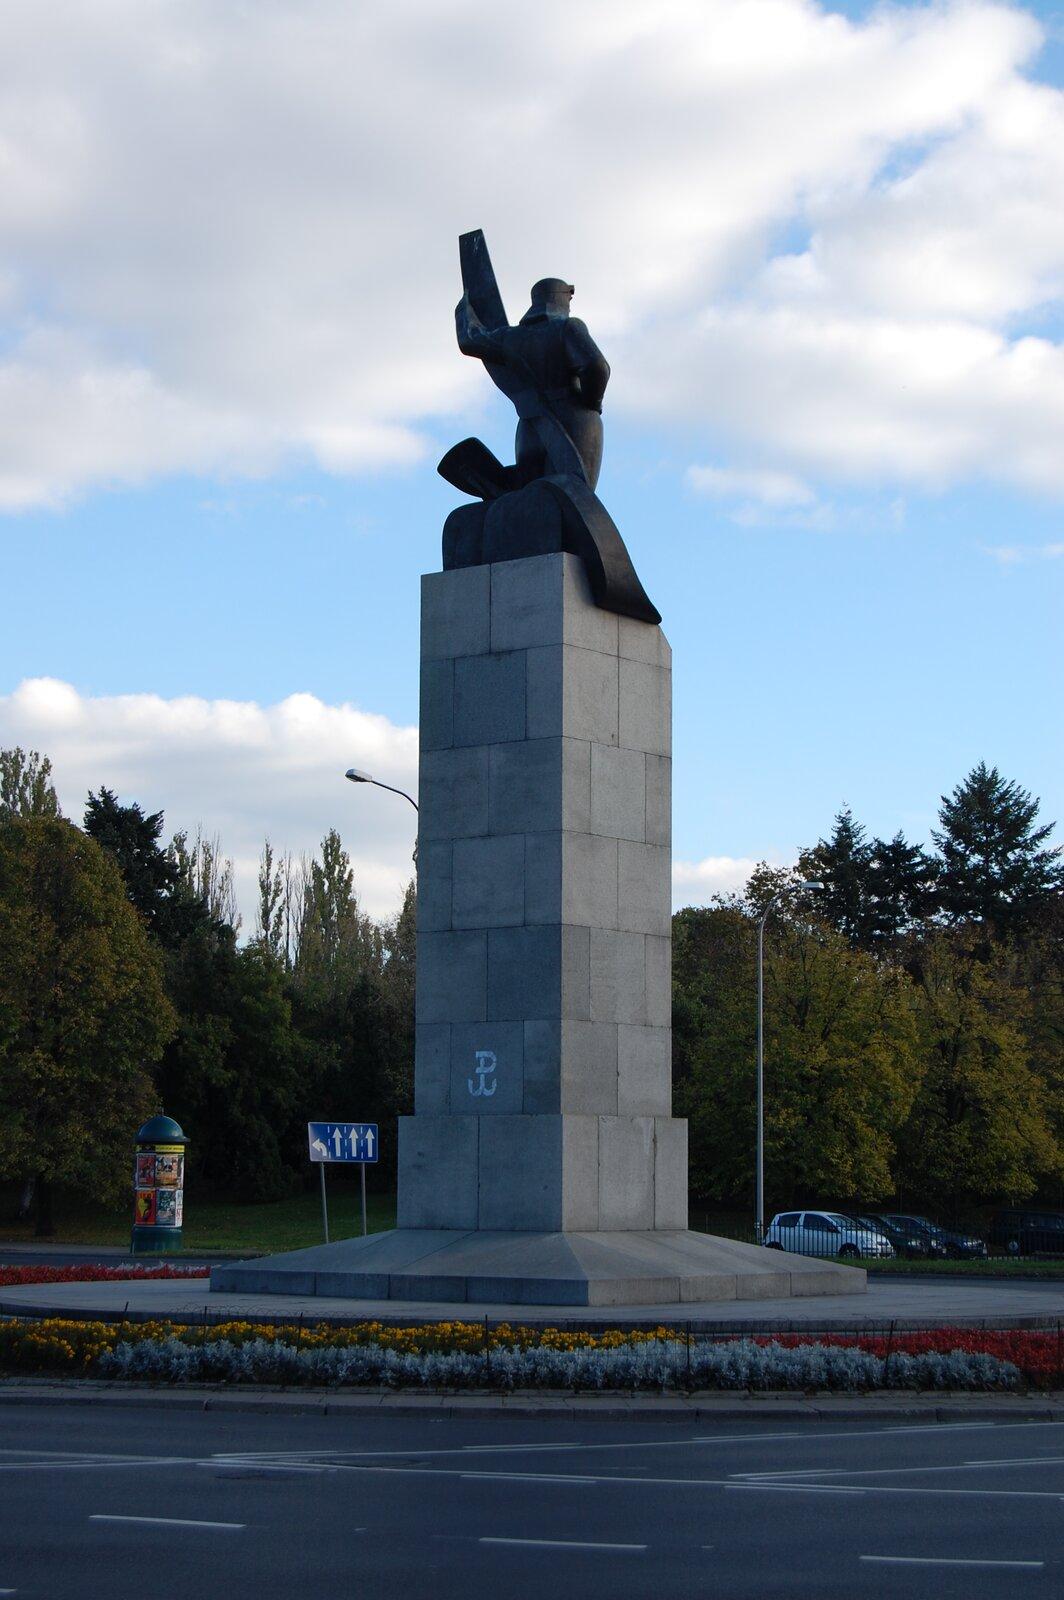 Pomnik Lotnika wWarszawie (widok z2007 roku) Pomnik Lotnika wWarszawie (widok z2007 roku) Źródło: Sfu, fotografia barwna, licencja: CC BY-SA 3.0.